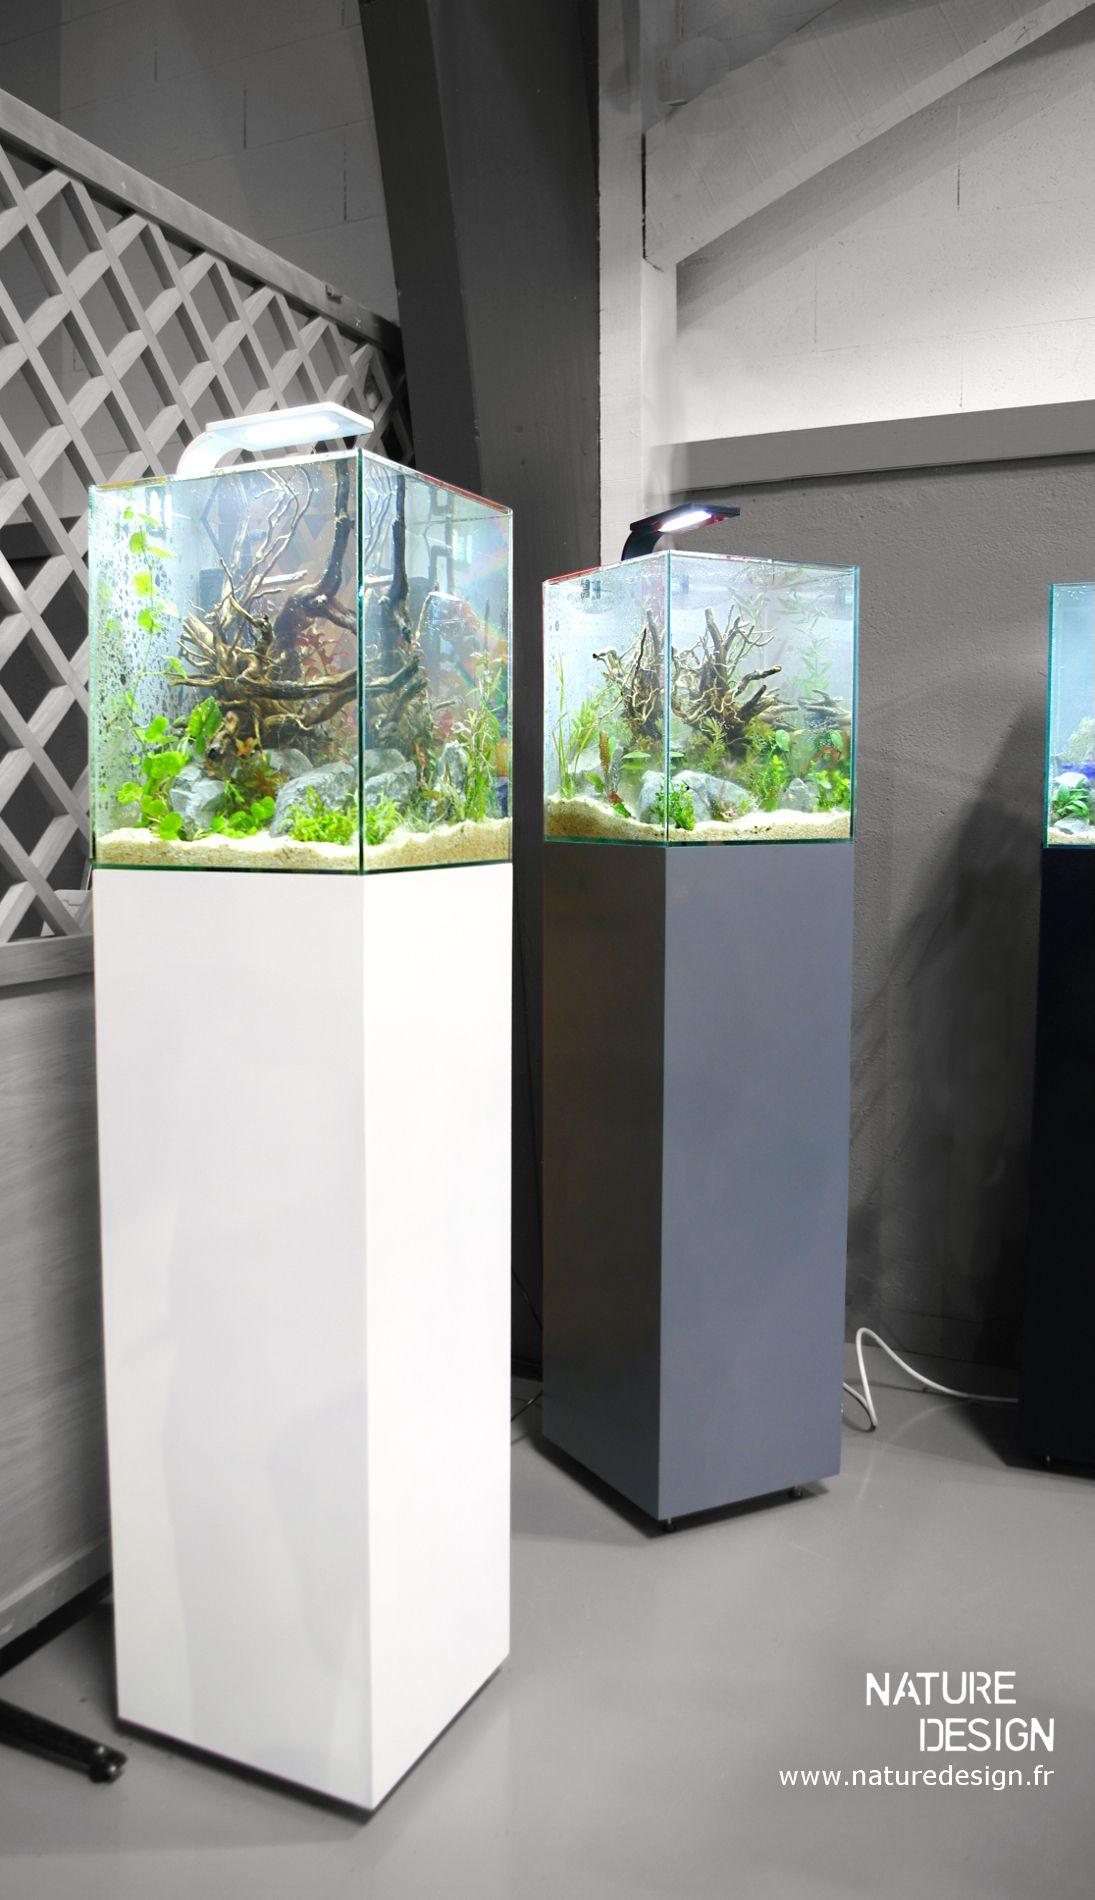 nano aquarium design 30l aquariums pinterest aquarium aquarium poisson et poisson. Black Bedroom Furniture Sets. Home Design Ideas